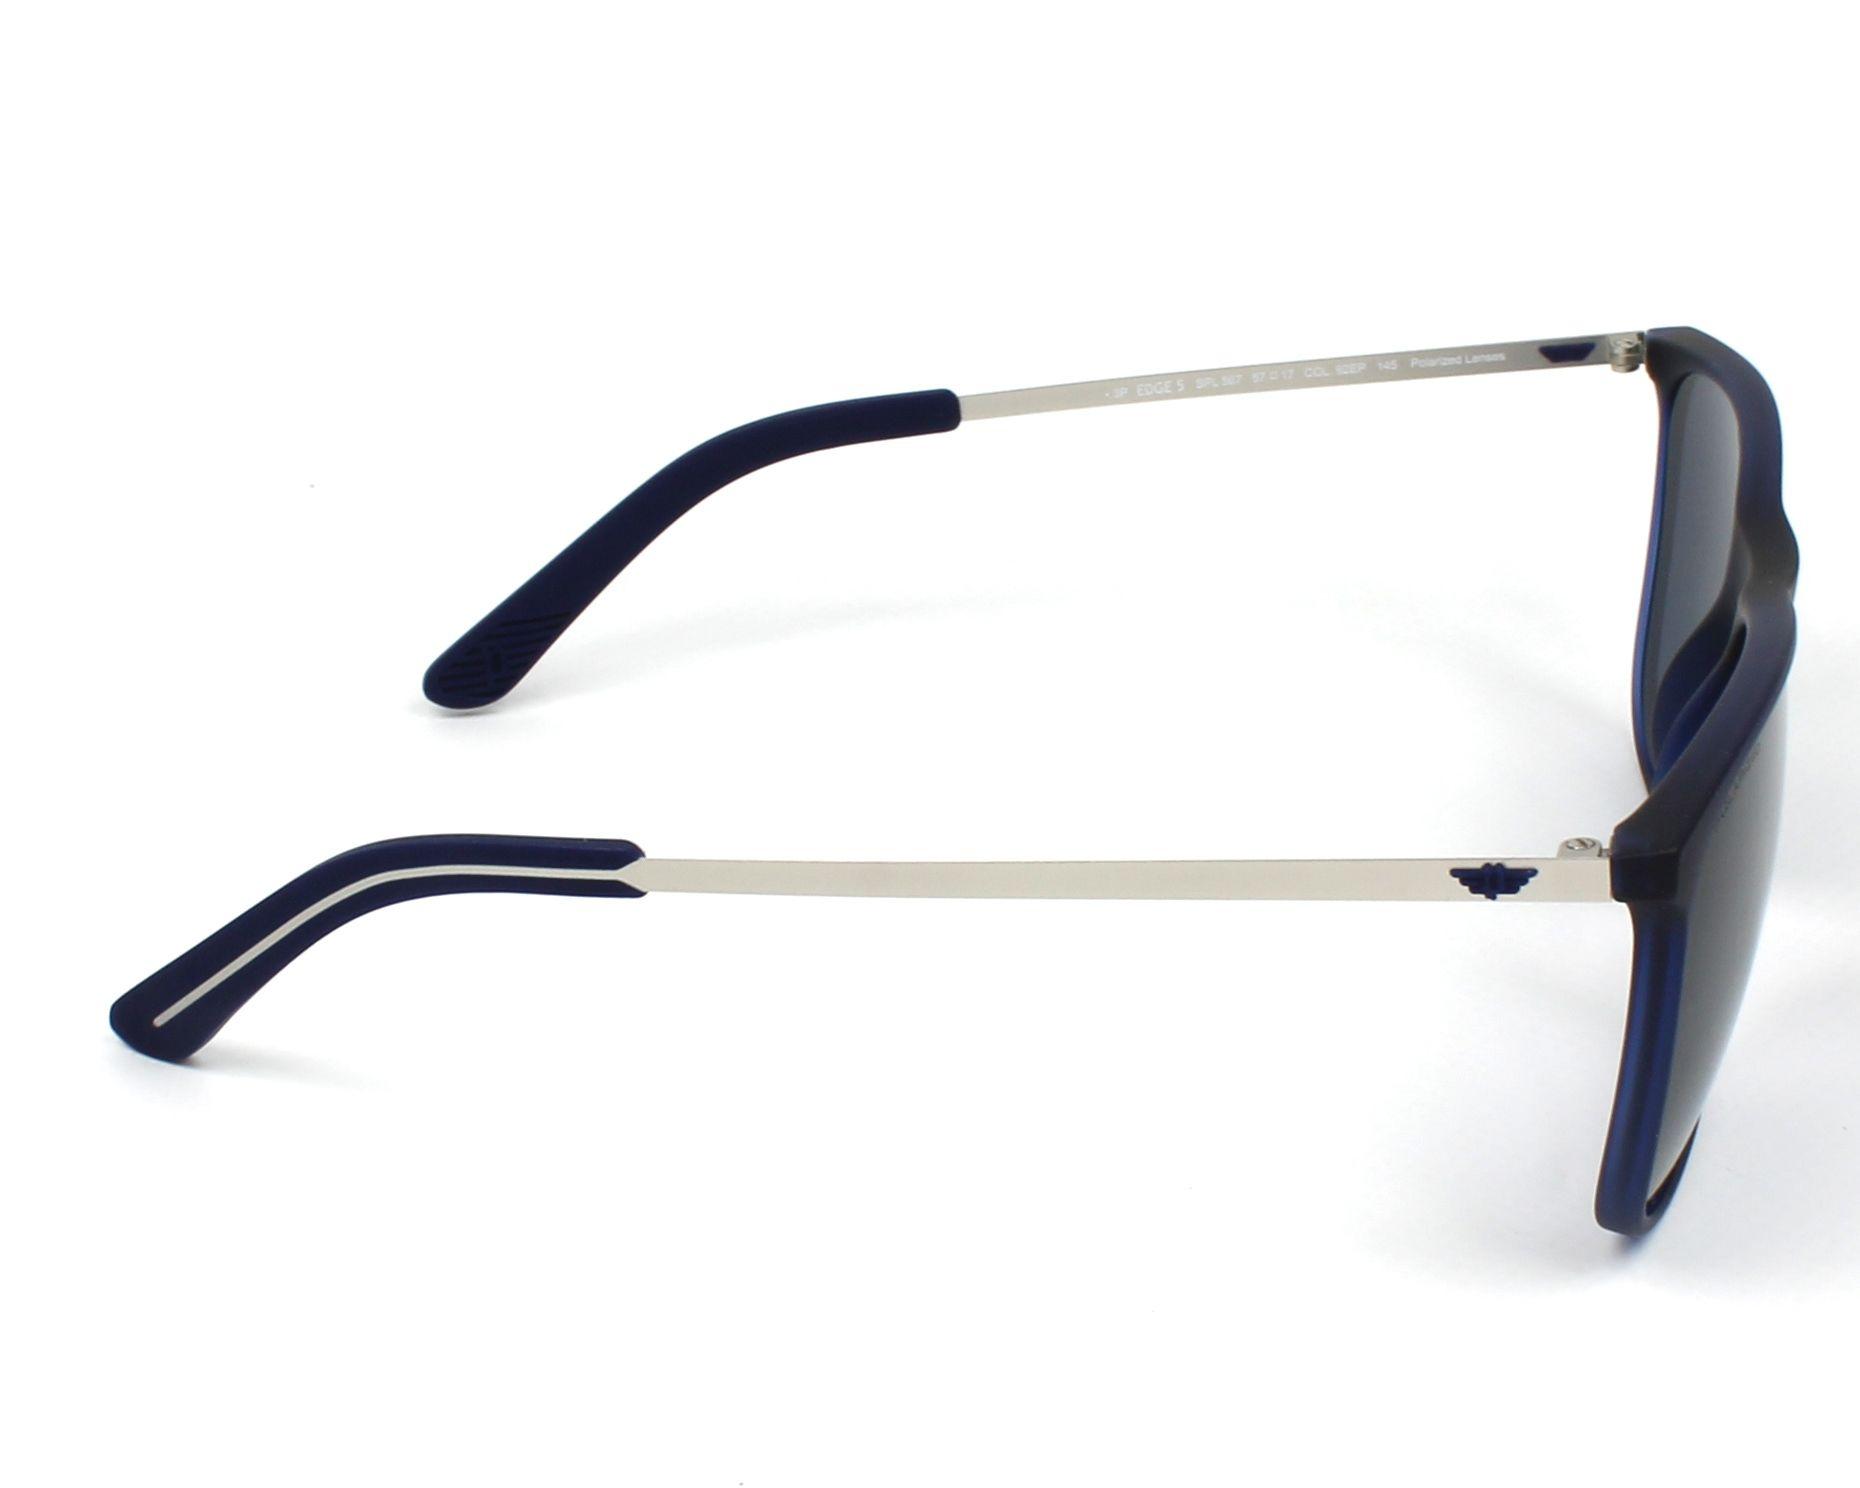 46a1ad44e8 Sunglasses Police SPL-567 92EP 57-17 Blue Gun side view